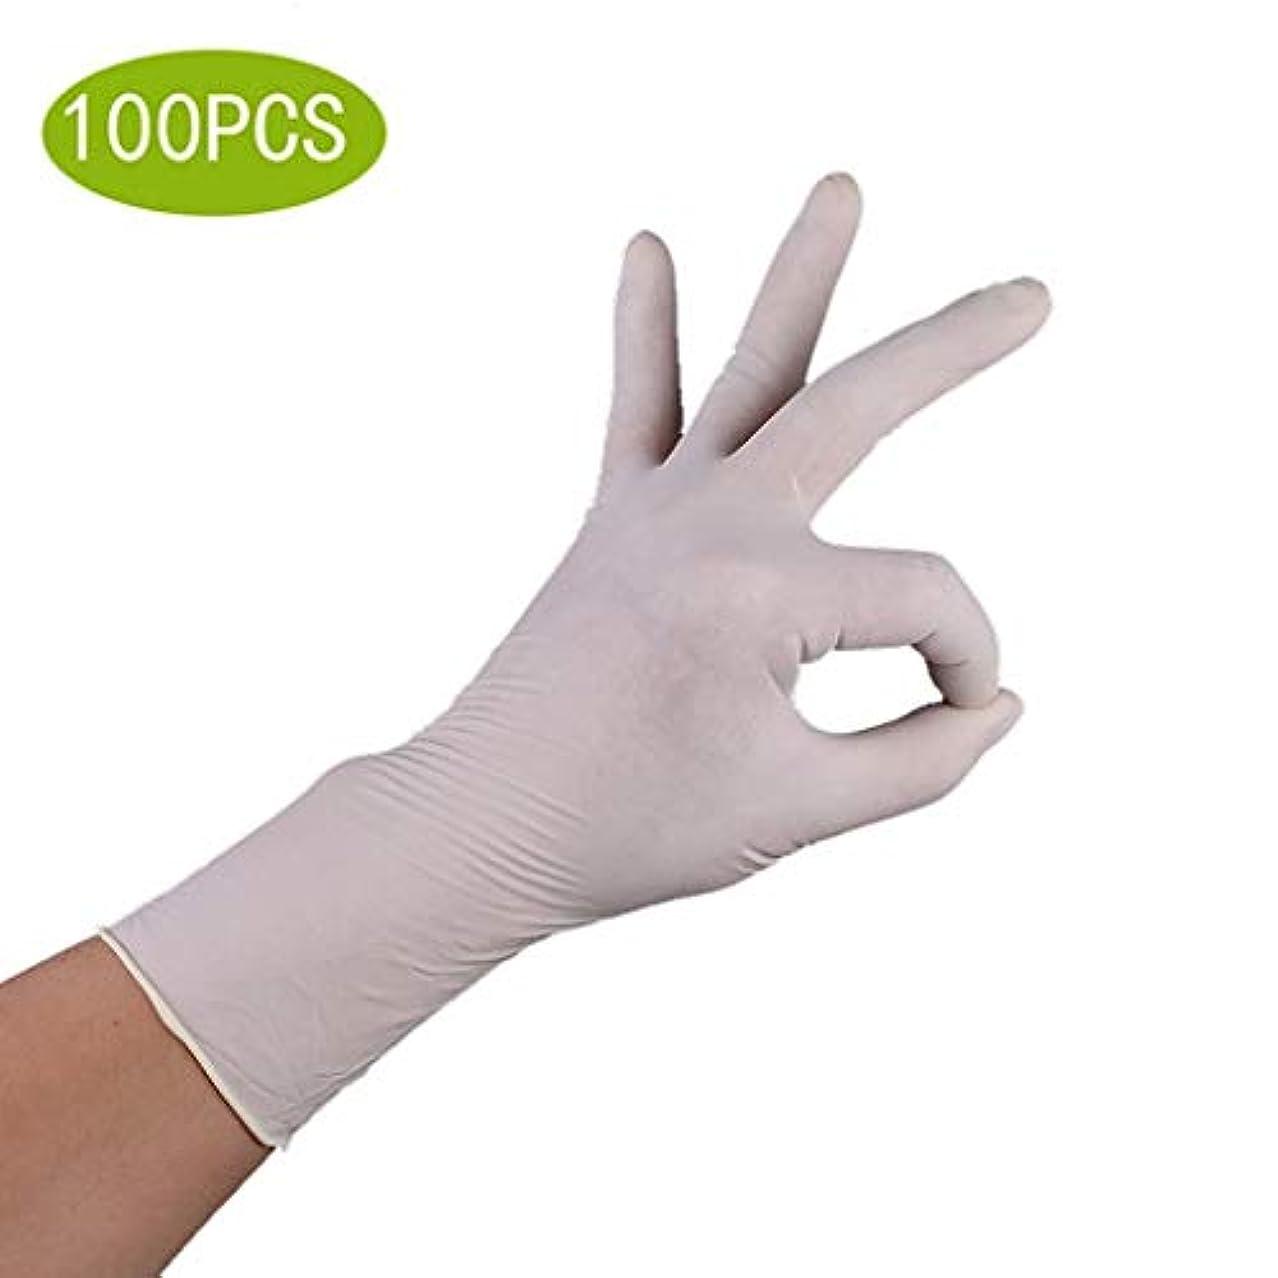 トレーダーヒップ建物使い捨て手袋食品ケータリング手術丁清ゴムラテックススキンキッチン厚い試験/食品グレード安全用品、使い捨て手袋ディスペンサー[100個] (Size : L)